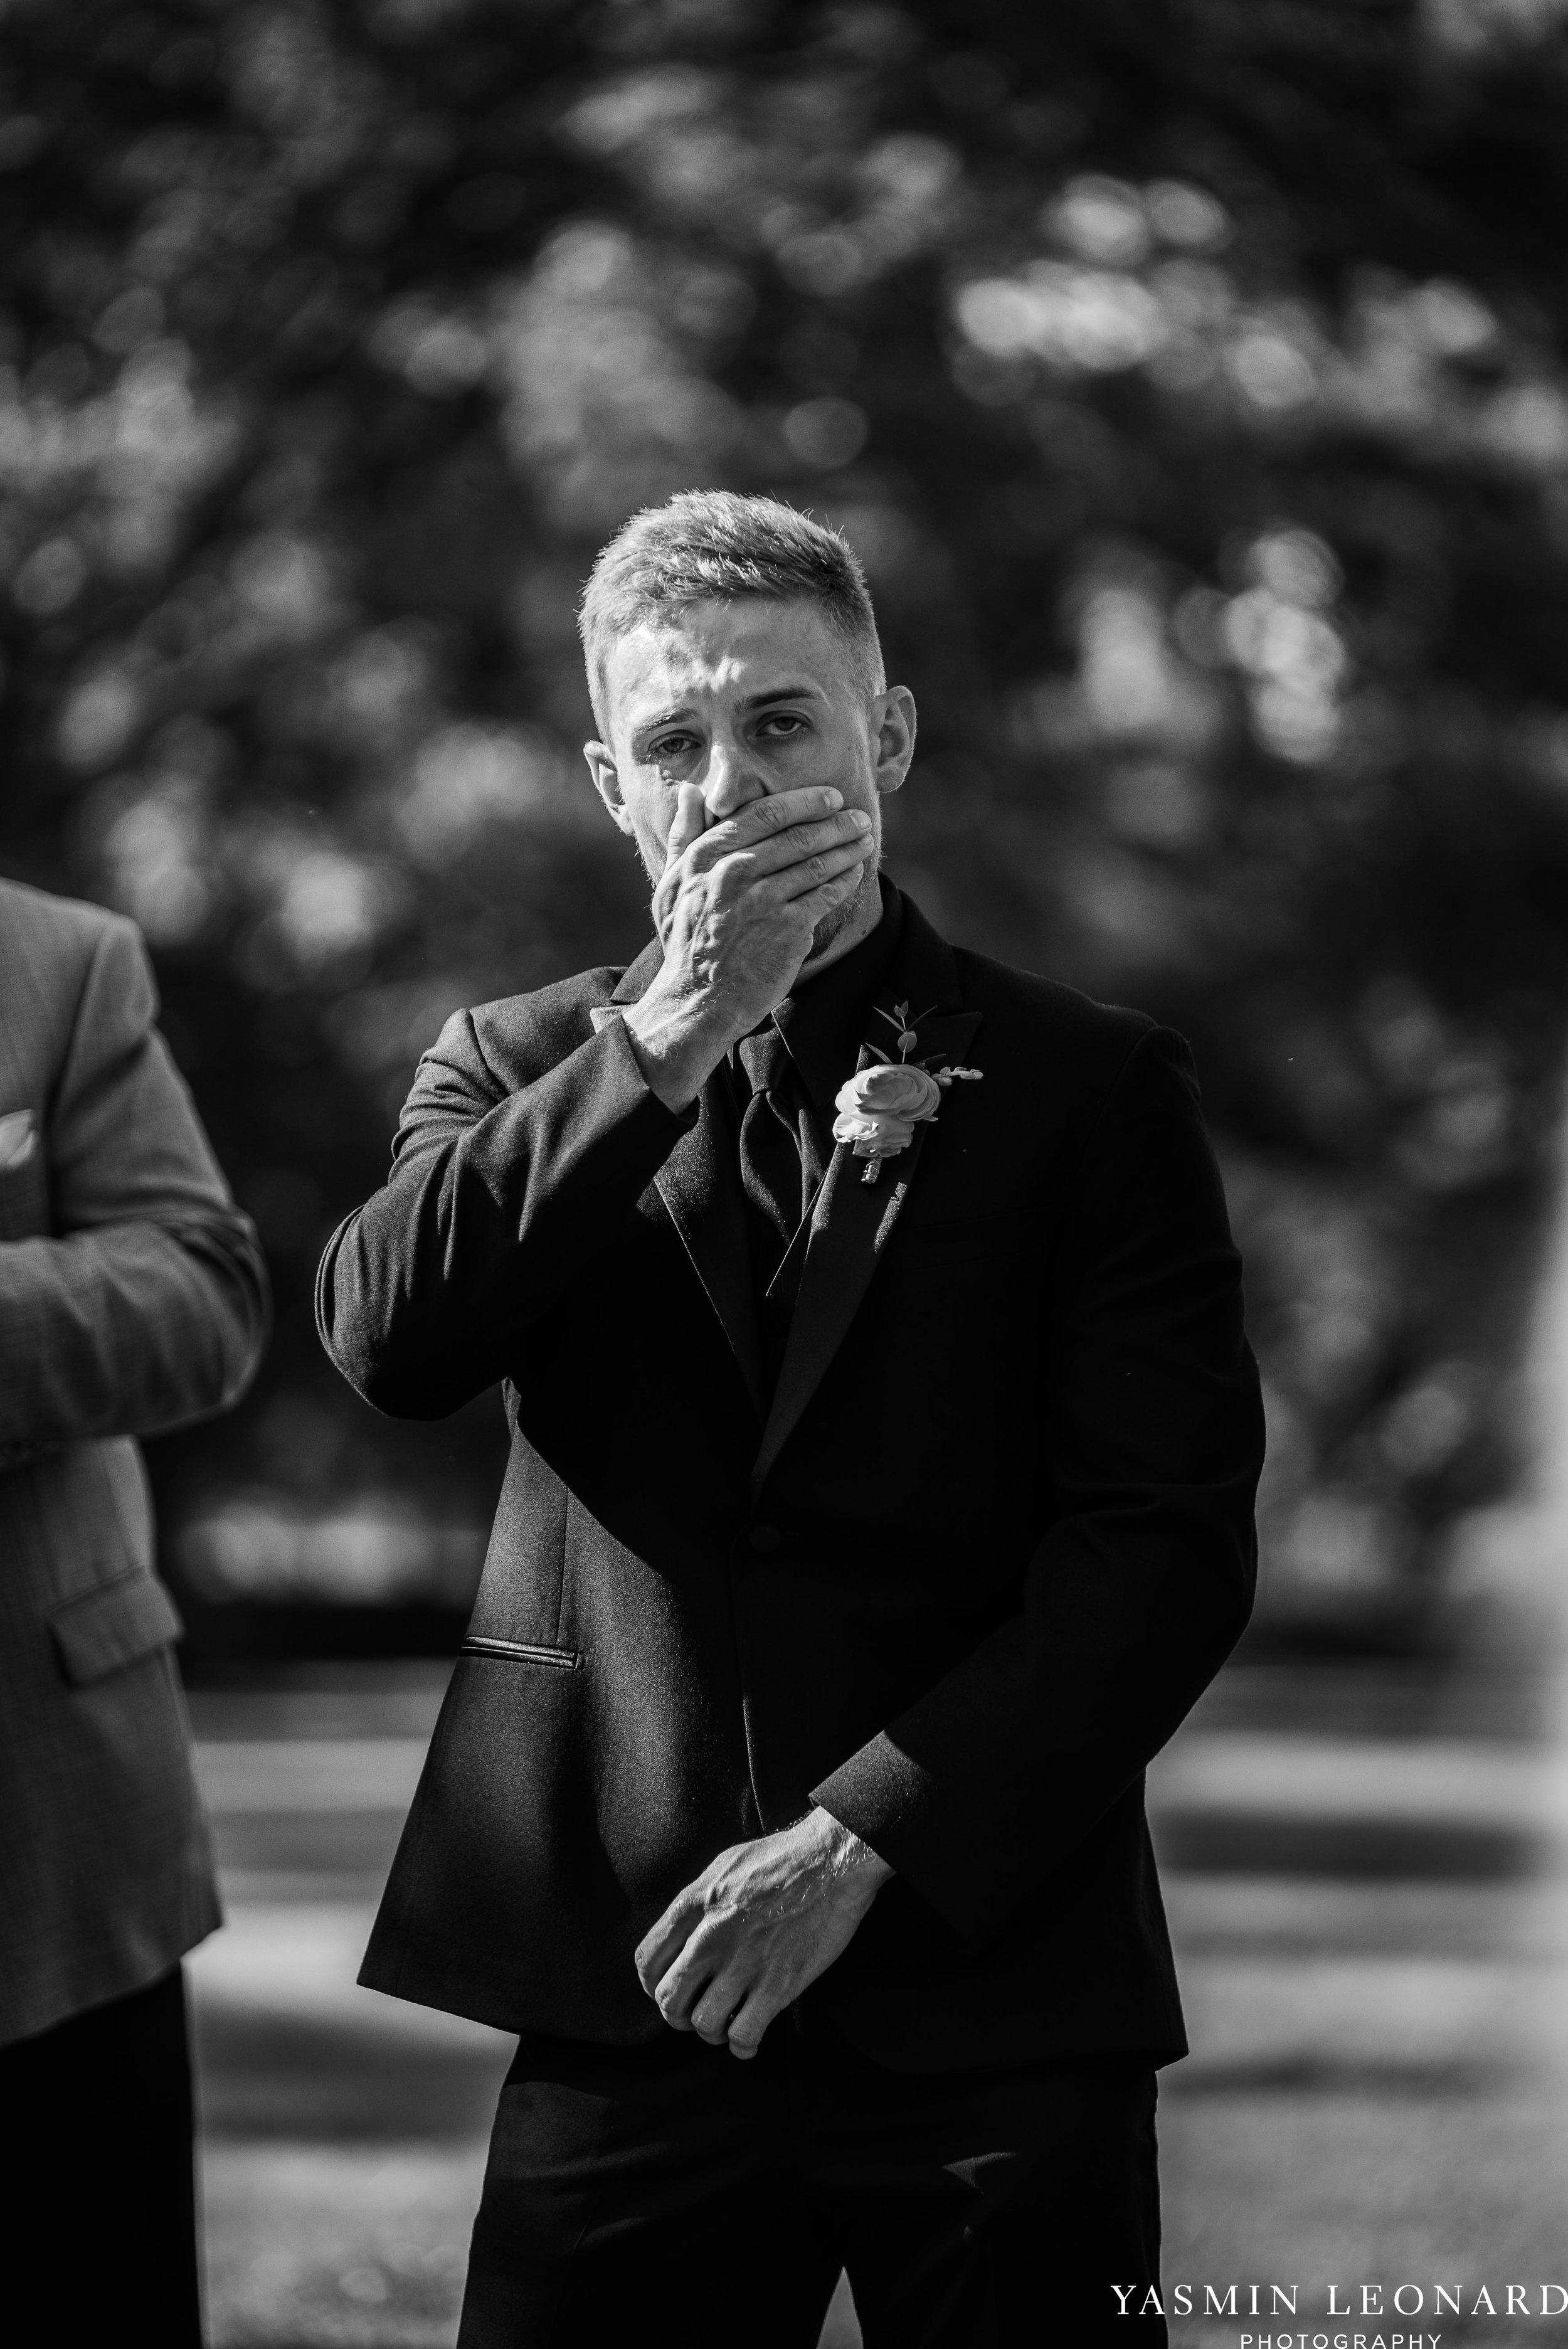 Boxwood Estate - Boxwood Estate Wedding - Luxury Wedding - Black and White Wedding - NC Wedding Venues - NC Weddings - NC Photographer - Lantern Release Grand Exit - Large Wedding Party - Yasmin Leonard Photography-25.jpg